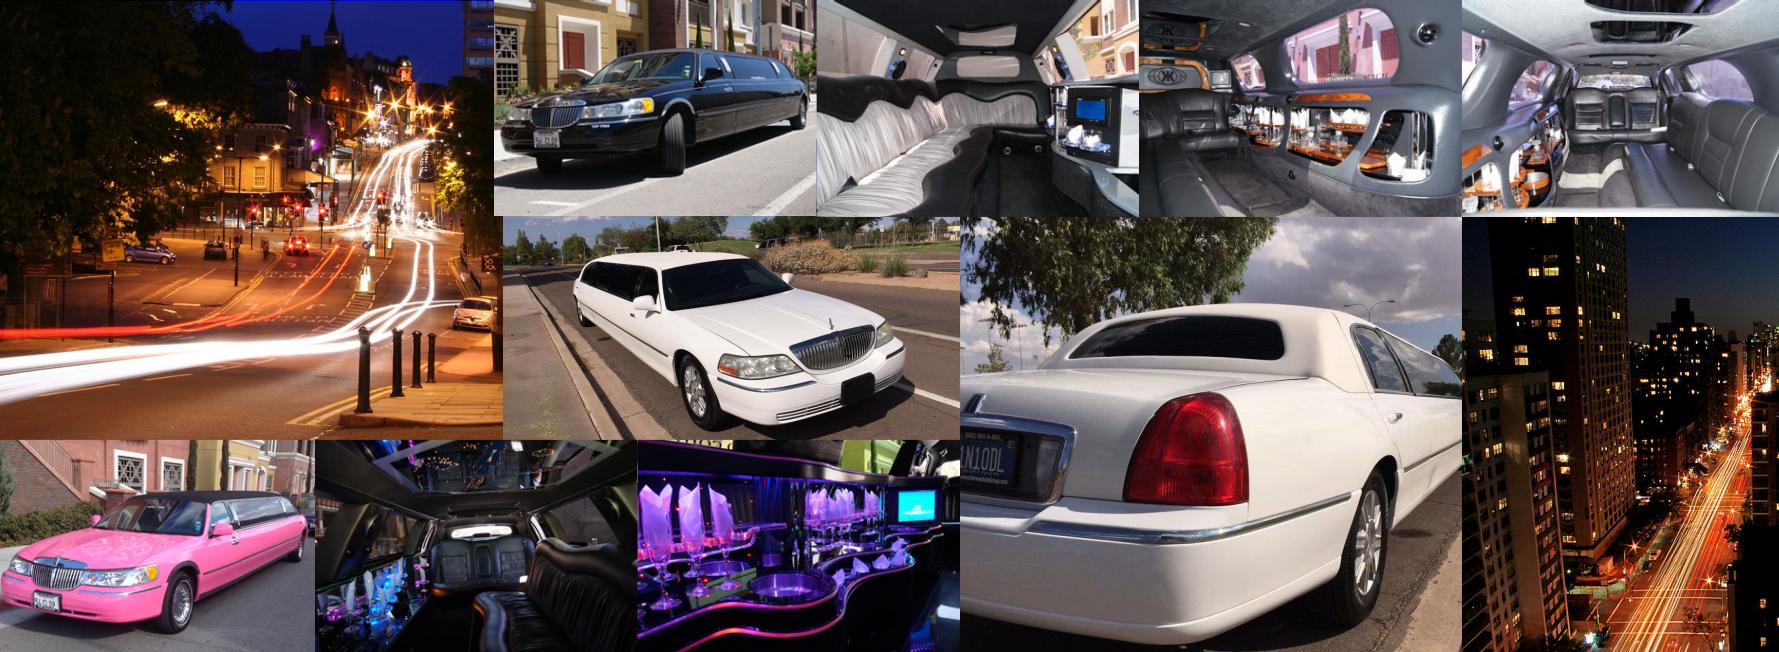 PJ Limousines